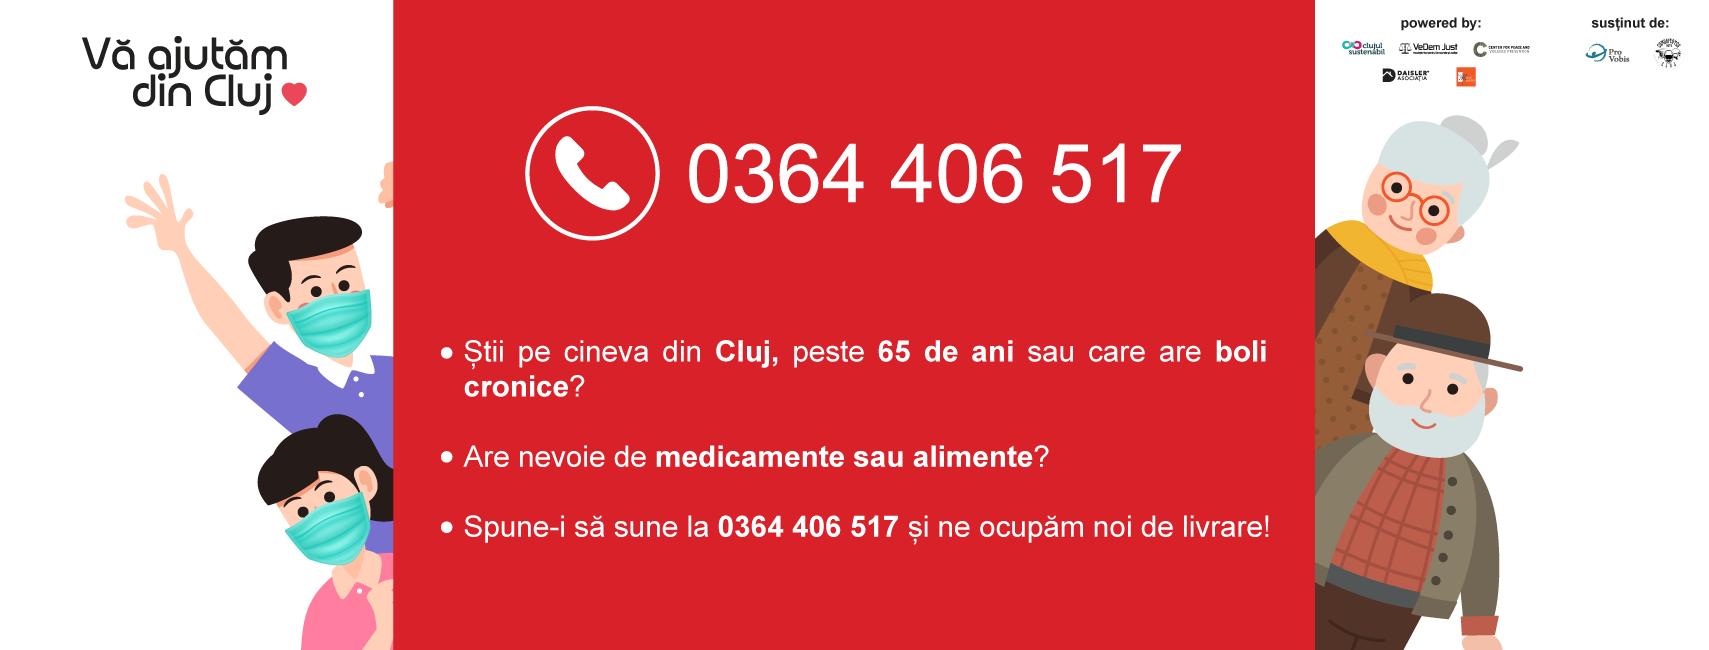 """Inițiativa civică """"Vă ajutăm din Cluj"""" a donat în prima lună 537 de pachete cu alimente și medicamente către 345 de persoane fizice aflate în nevoie"""